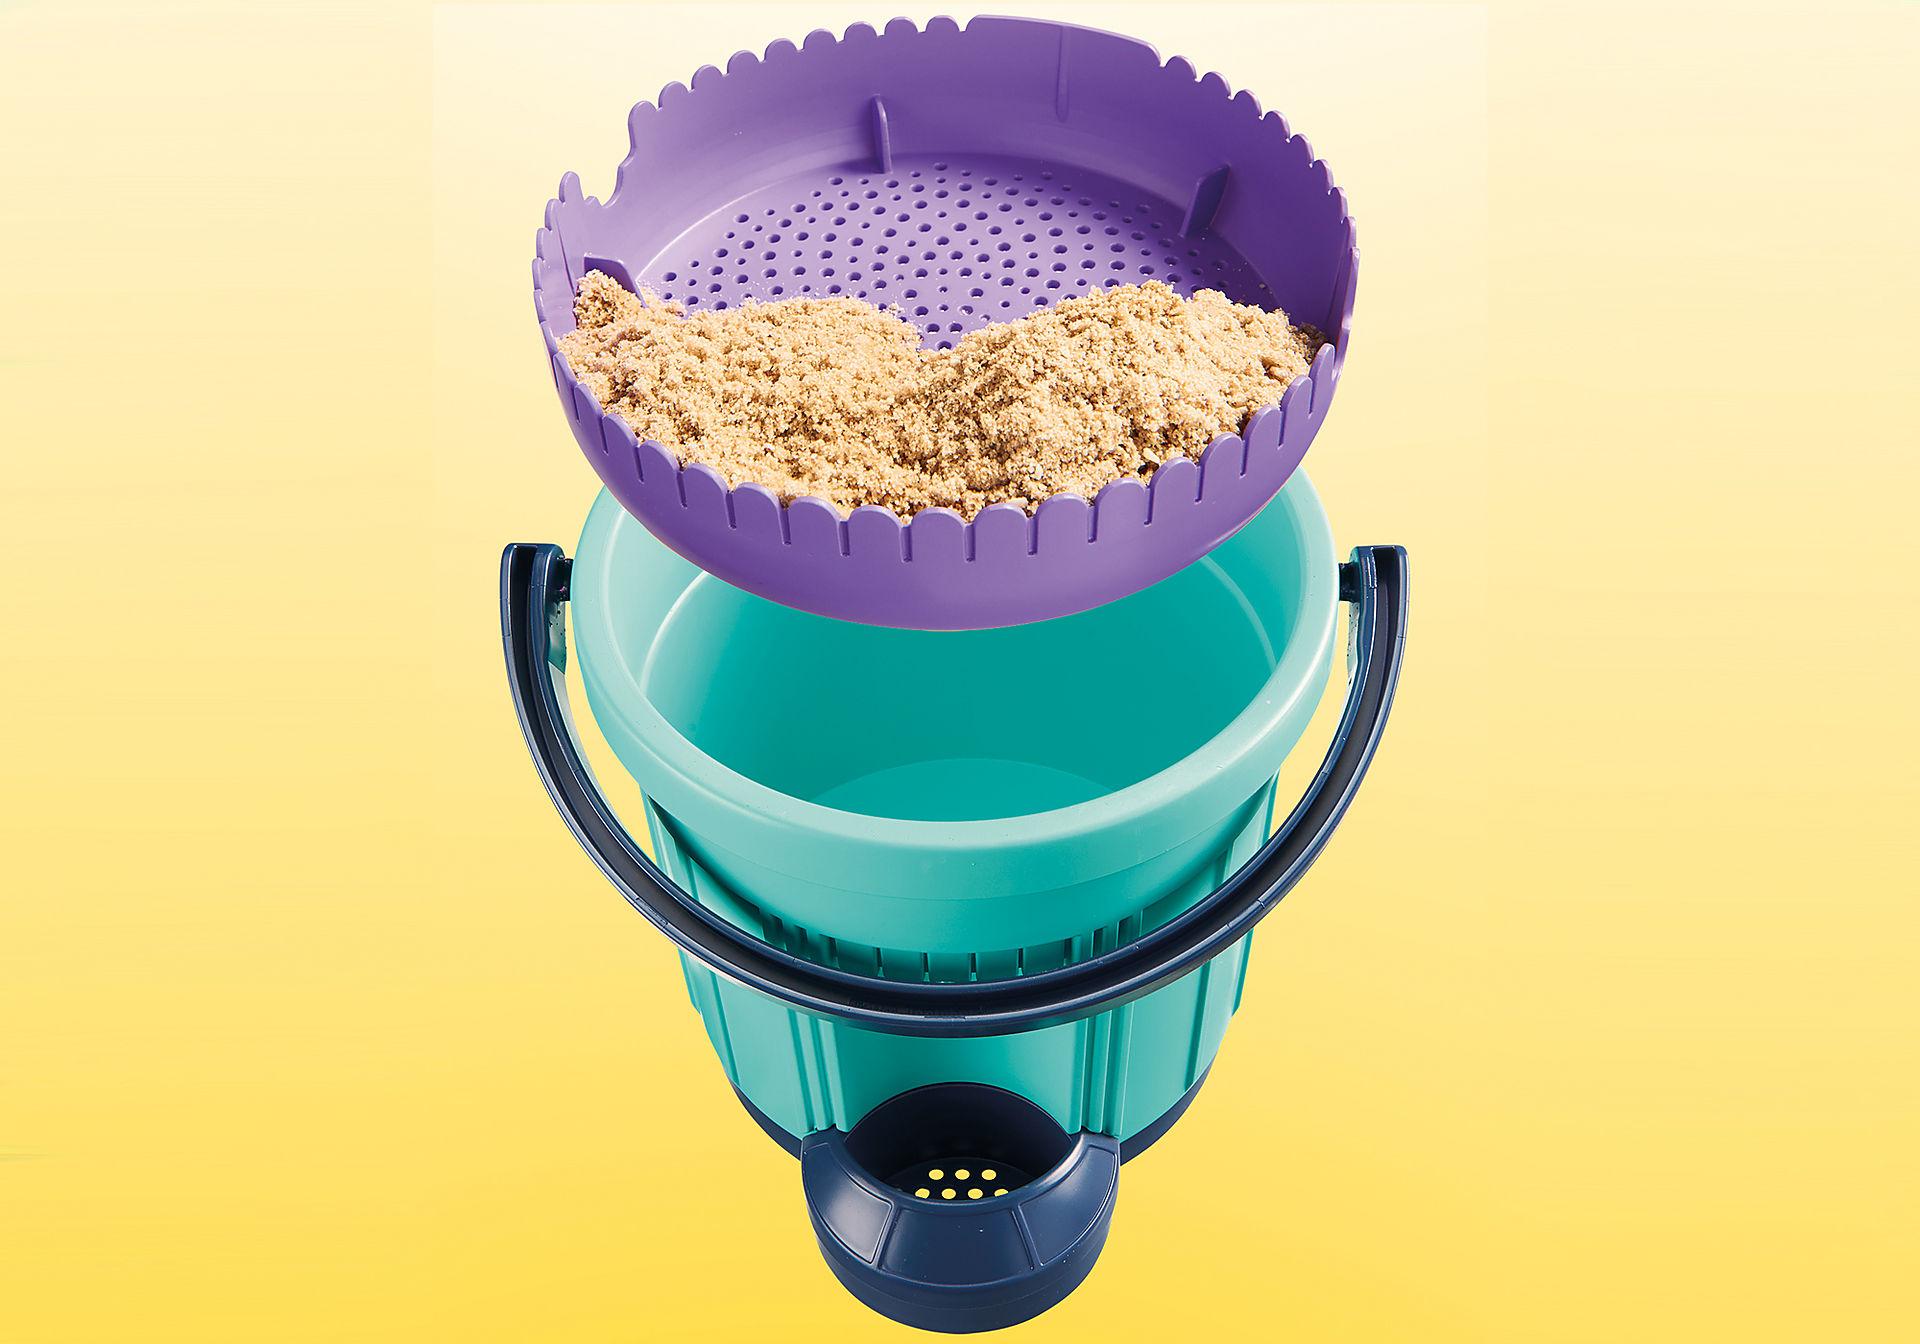 70339 Bakery Sand Bucket zoom image4